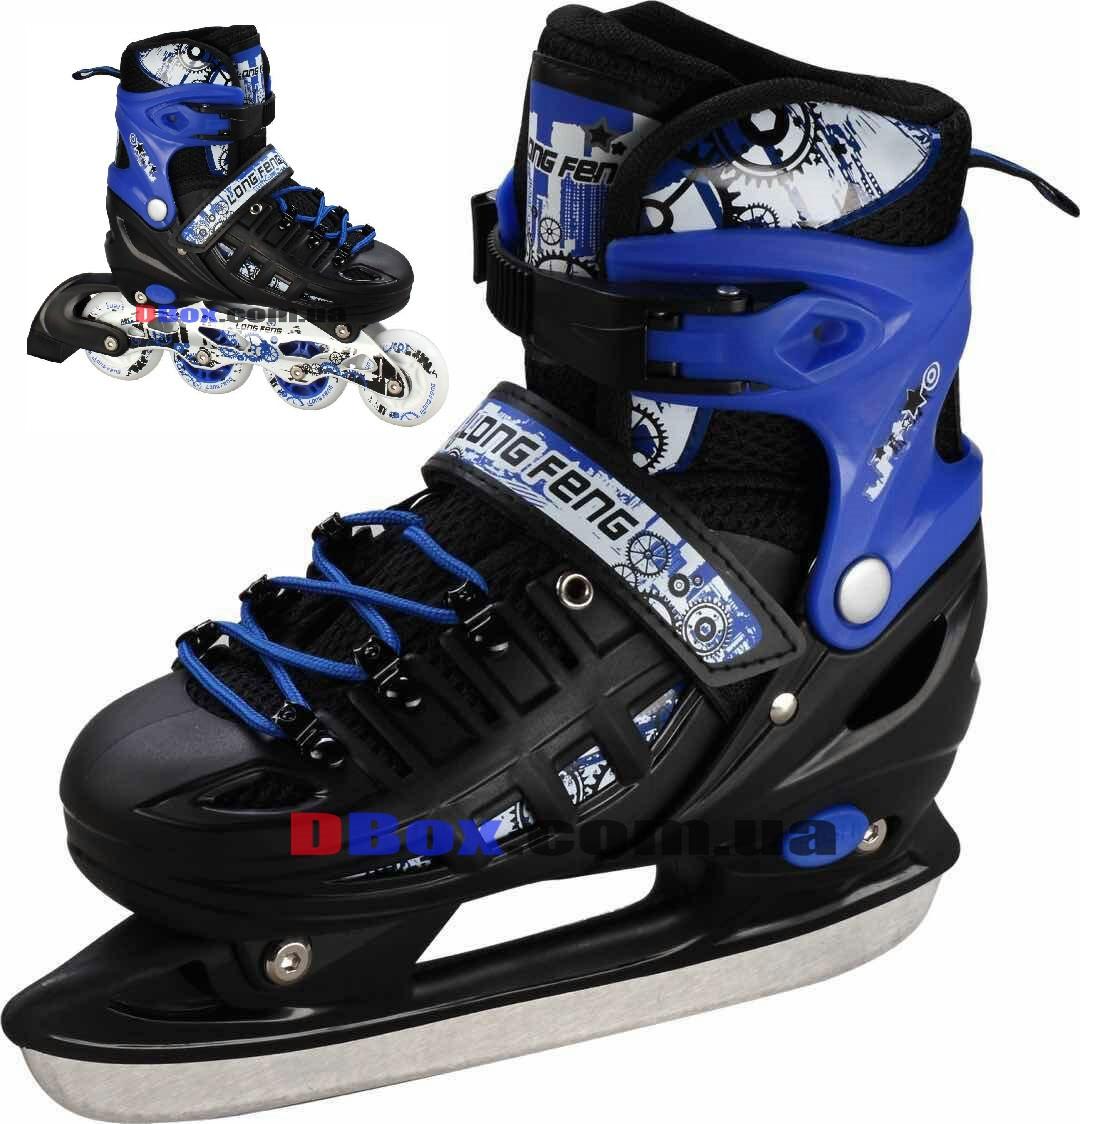 Роликовые коньки детские трансформеры Scale Sports RS - 29-33, Синие (2T3027-RS)